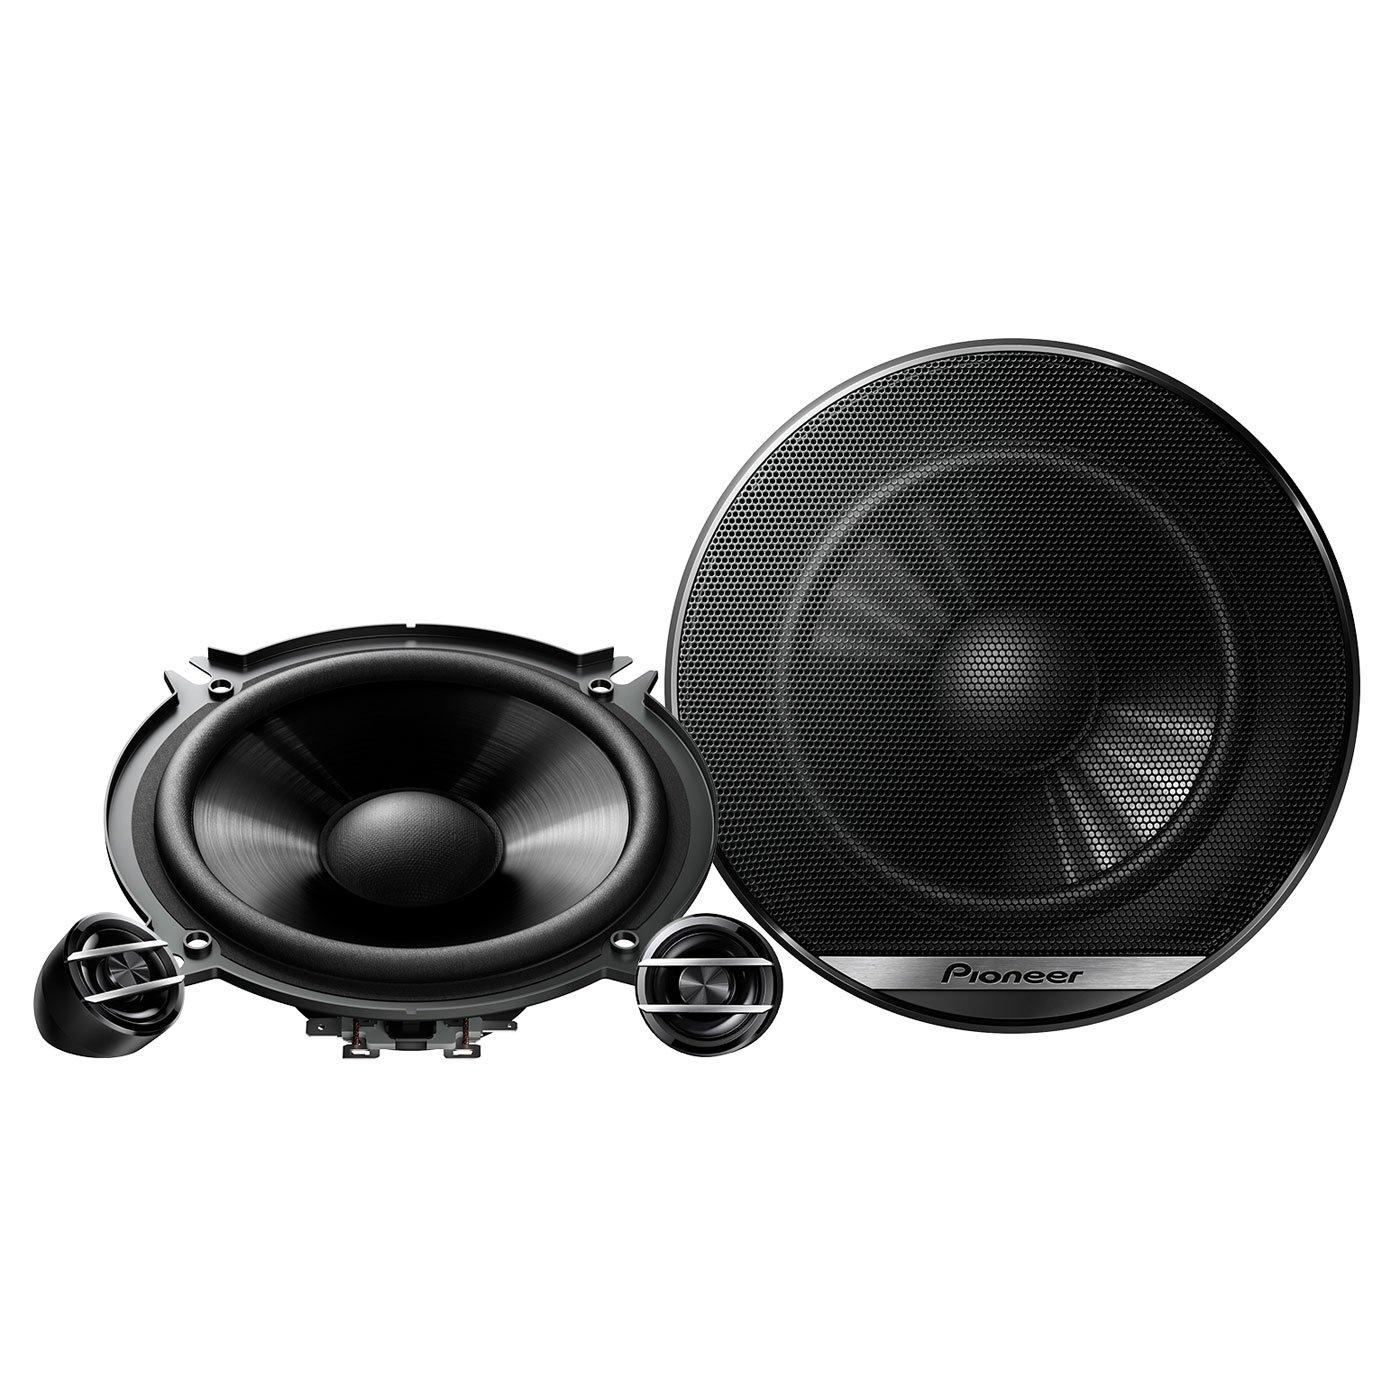 13cm Car Speakers 2-Way 250W Pioneer TS-G130C Noir